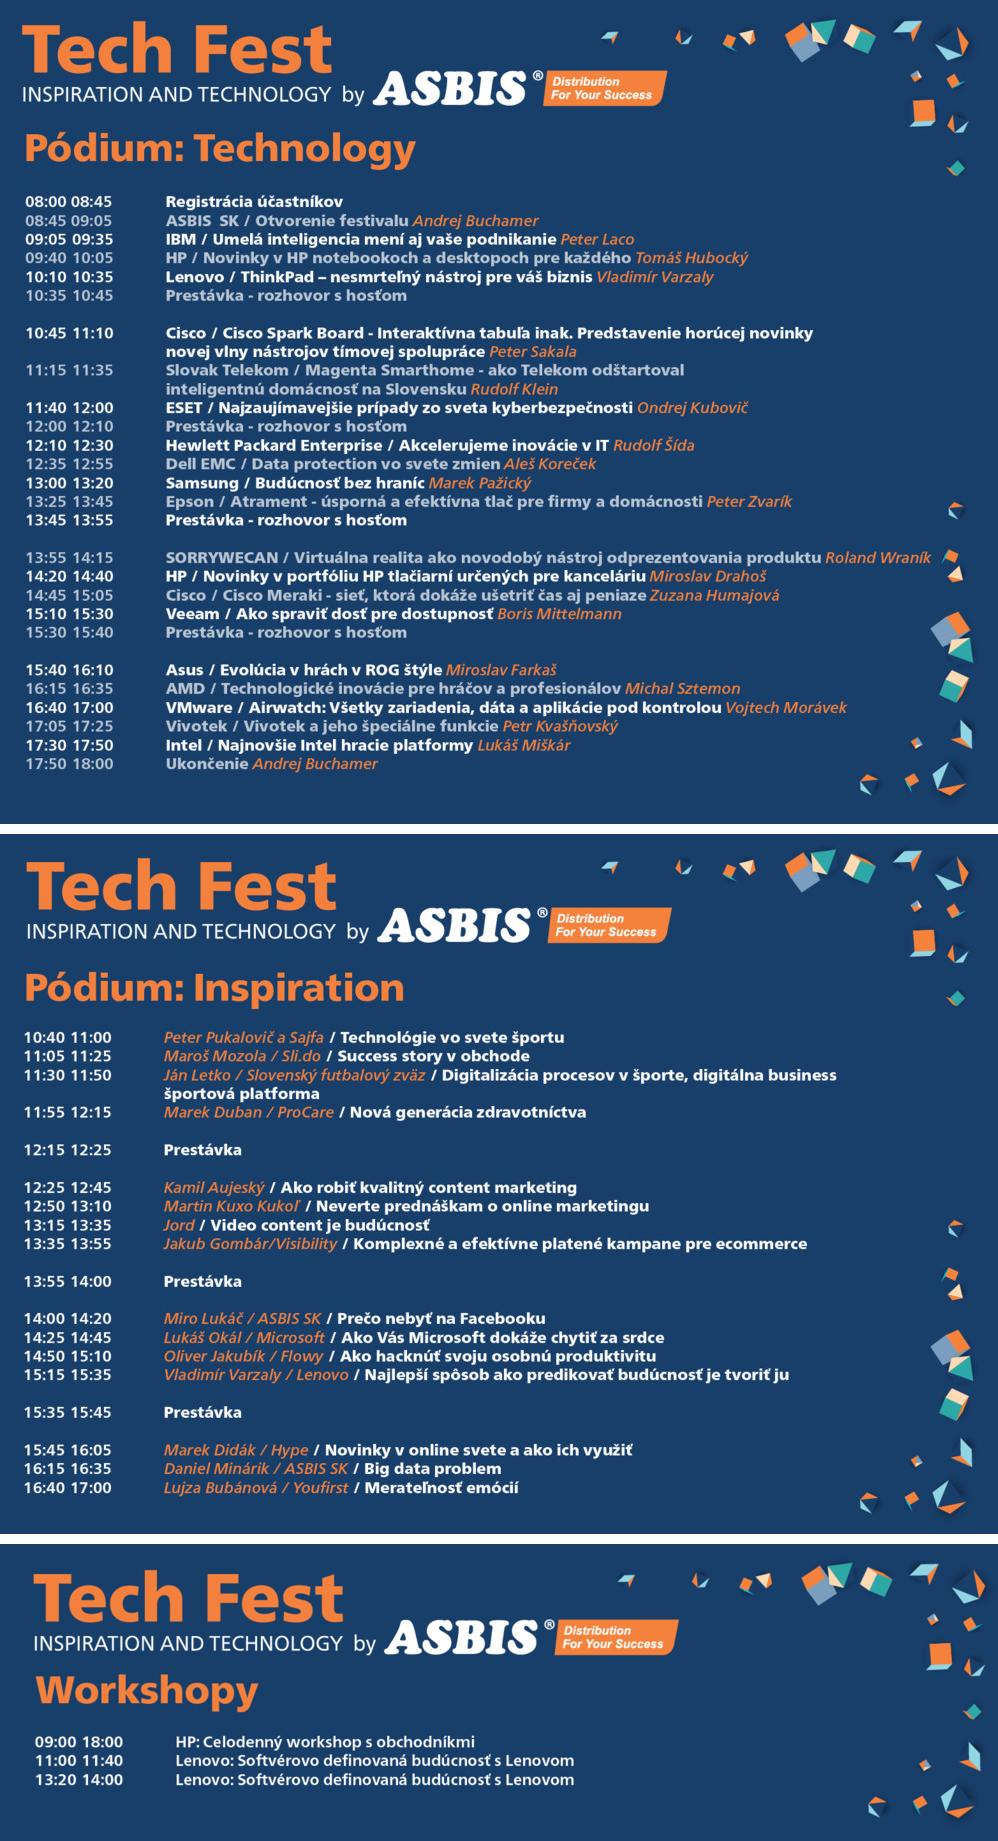 Portál MojAndroid.sk ako mediálny partner prináša možnosť získať vstupenku  na Tech Fest by ASBIS úplne zadarmo. Stačí sa na akciu zaregistrovať a  zadať ... 5e35c382de4